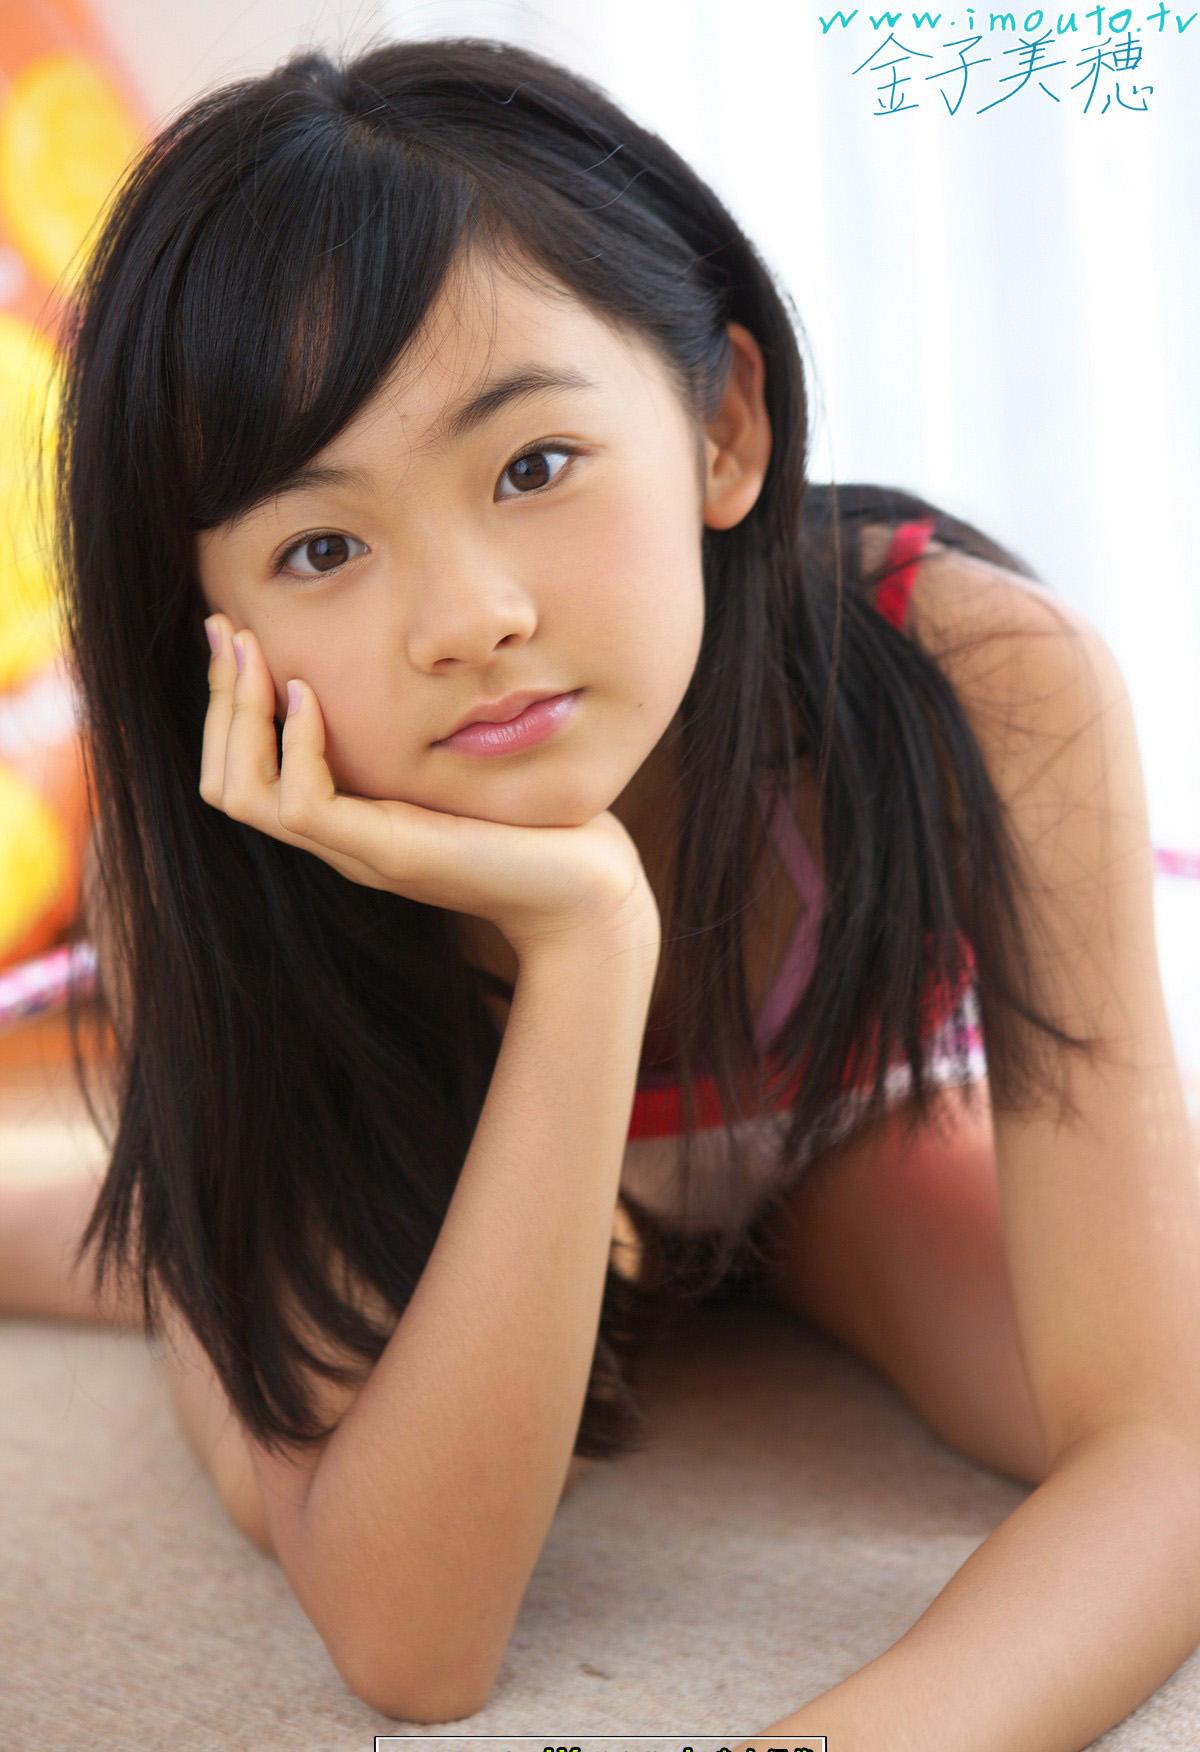 2014金子美穗19岁照片金子美穗2014年照片 金子美穗2014 ...